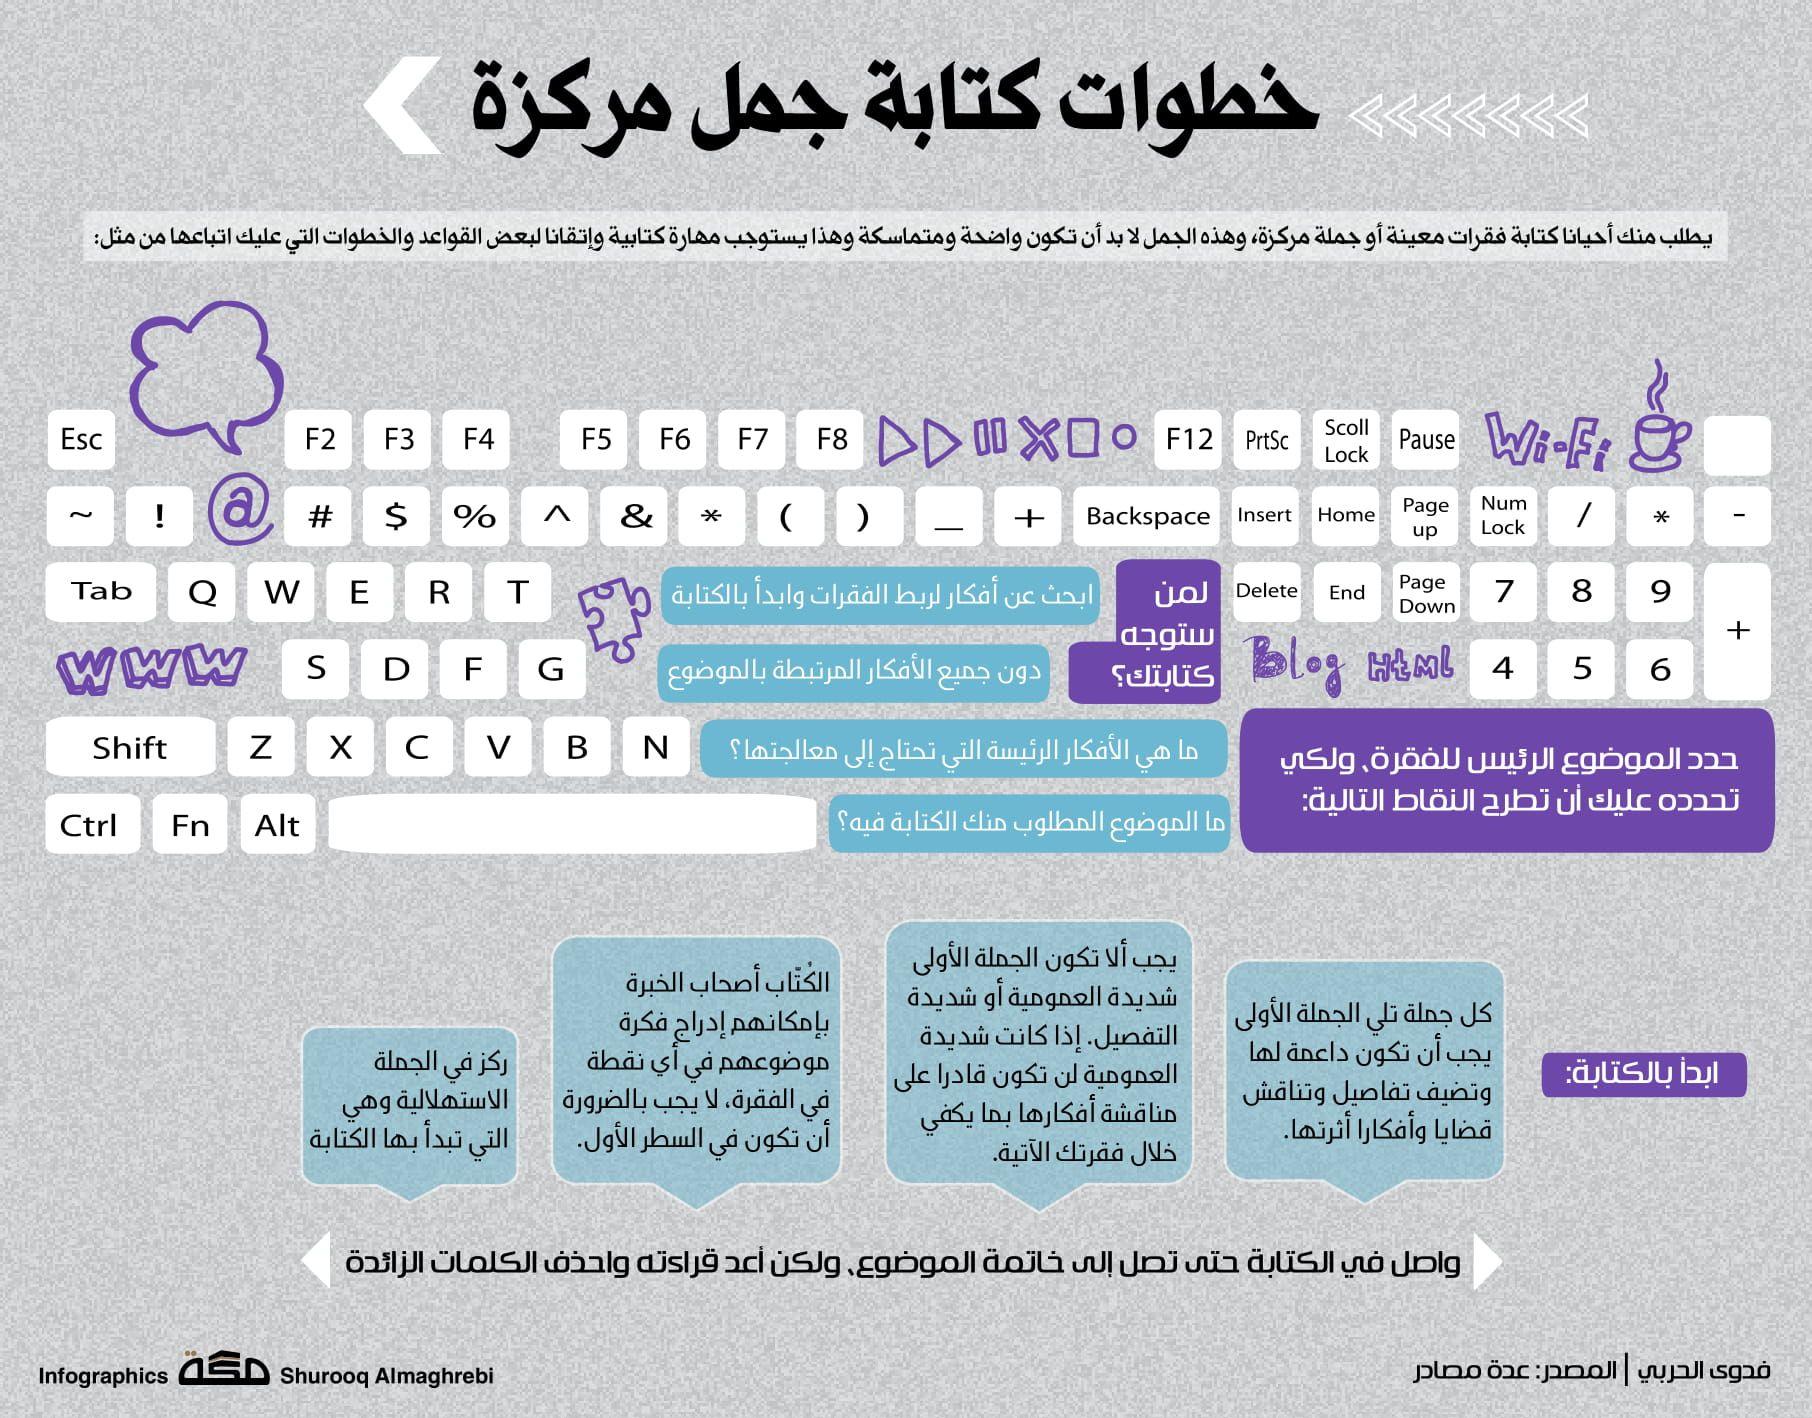 خطوات كتابة جمل مركزة صحيفة مكة انفوجرافيك قراءة Infographic Periodic Table